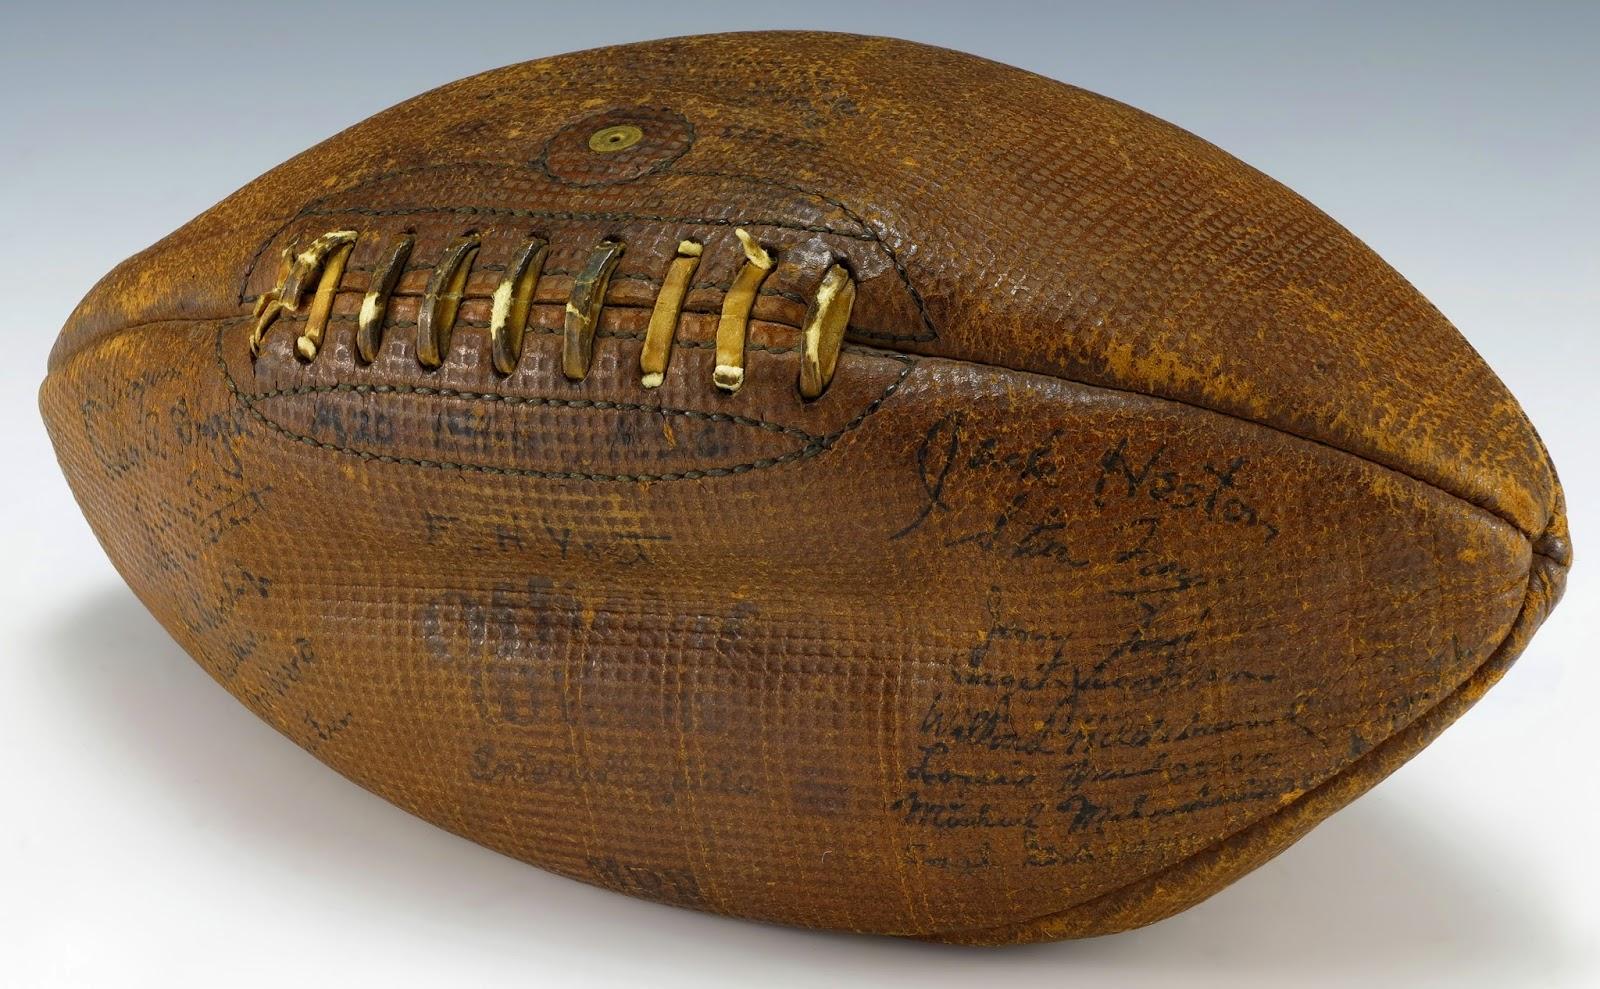 old AFL footbal